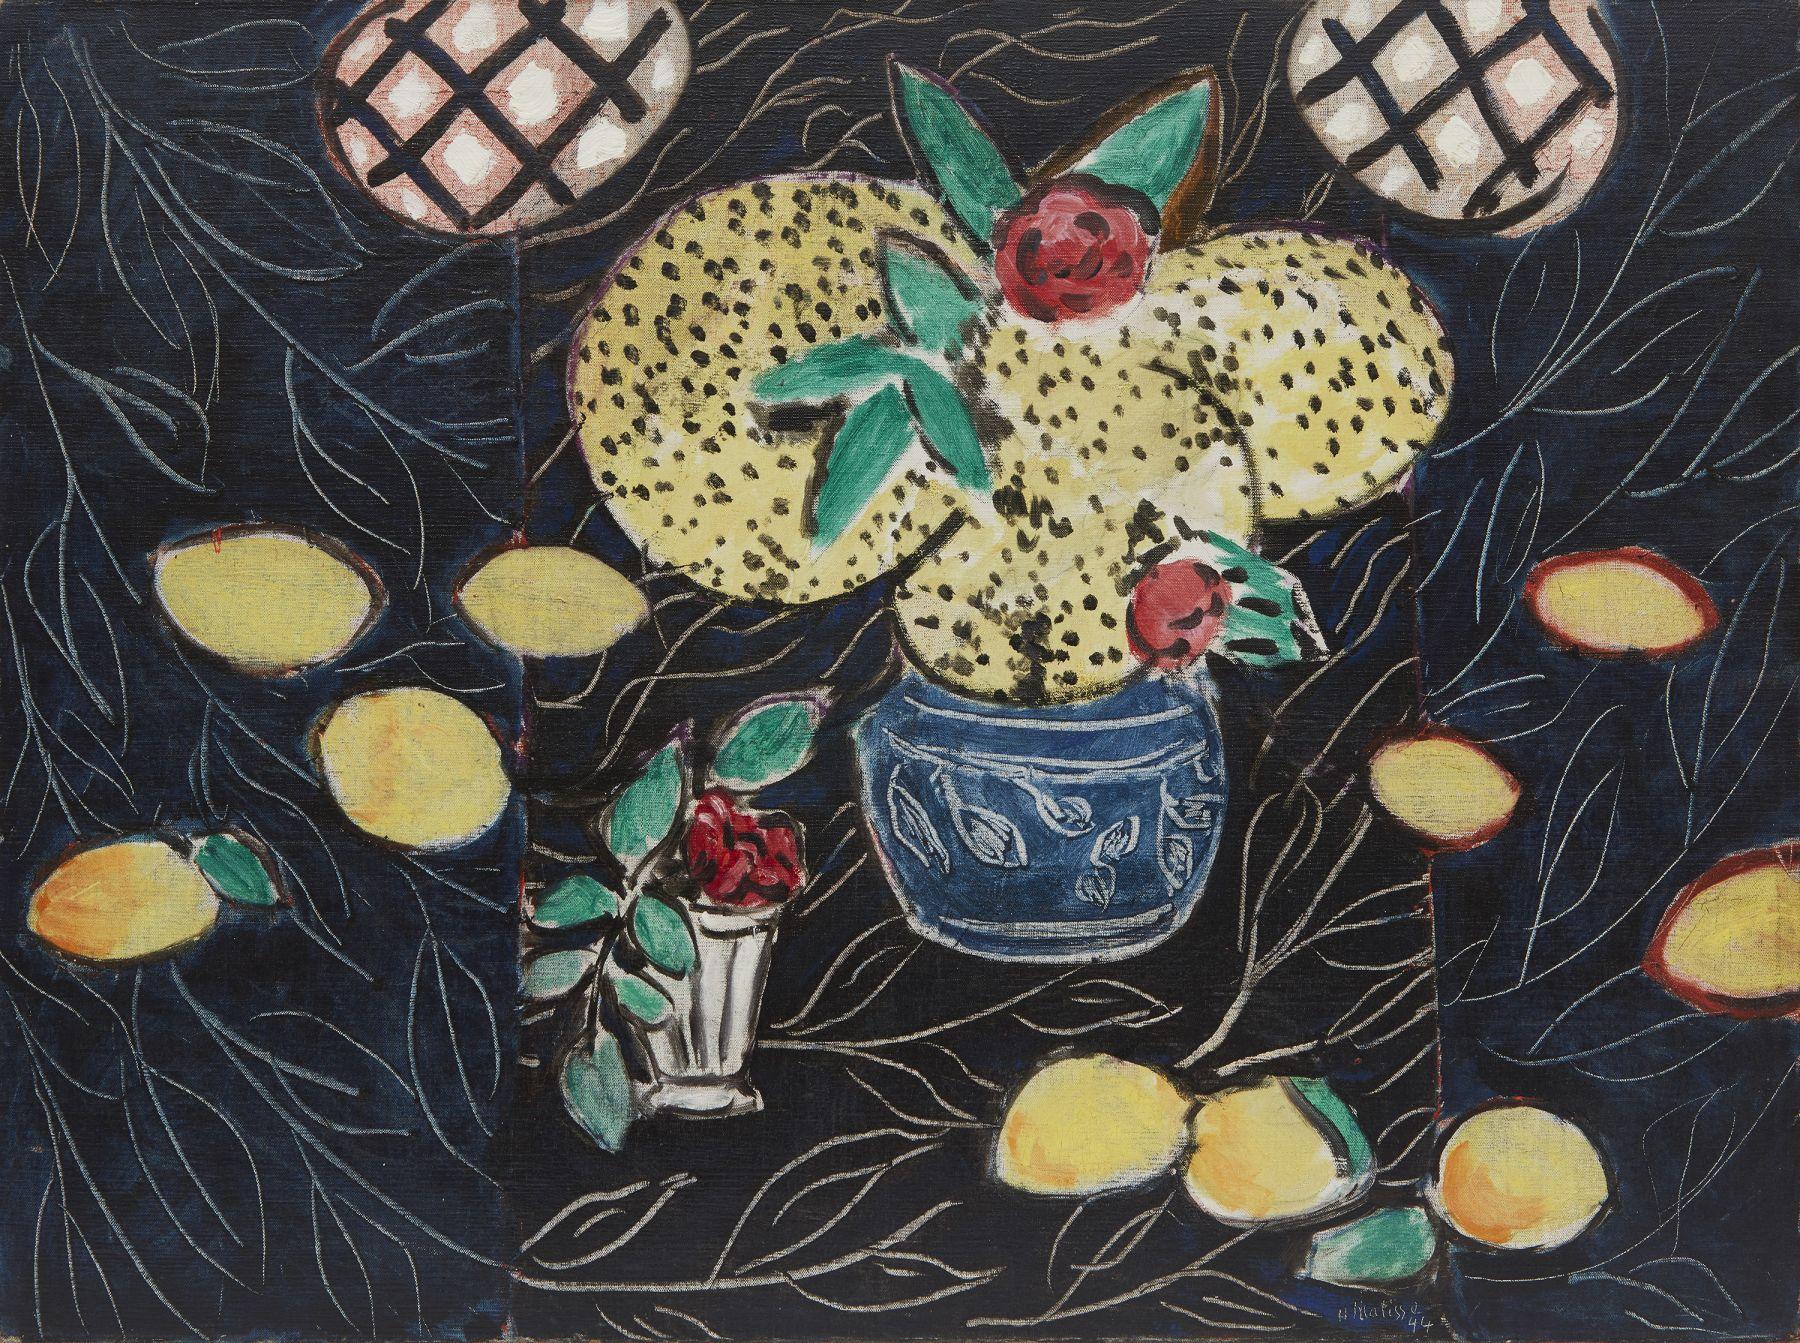 Matisse Title